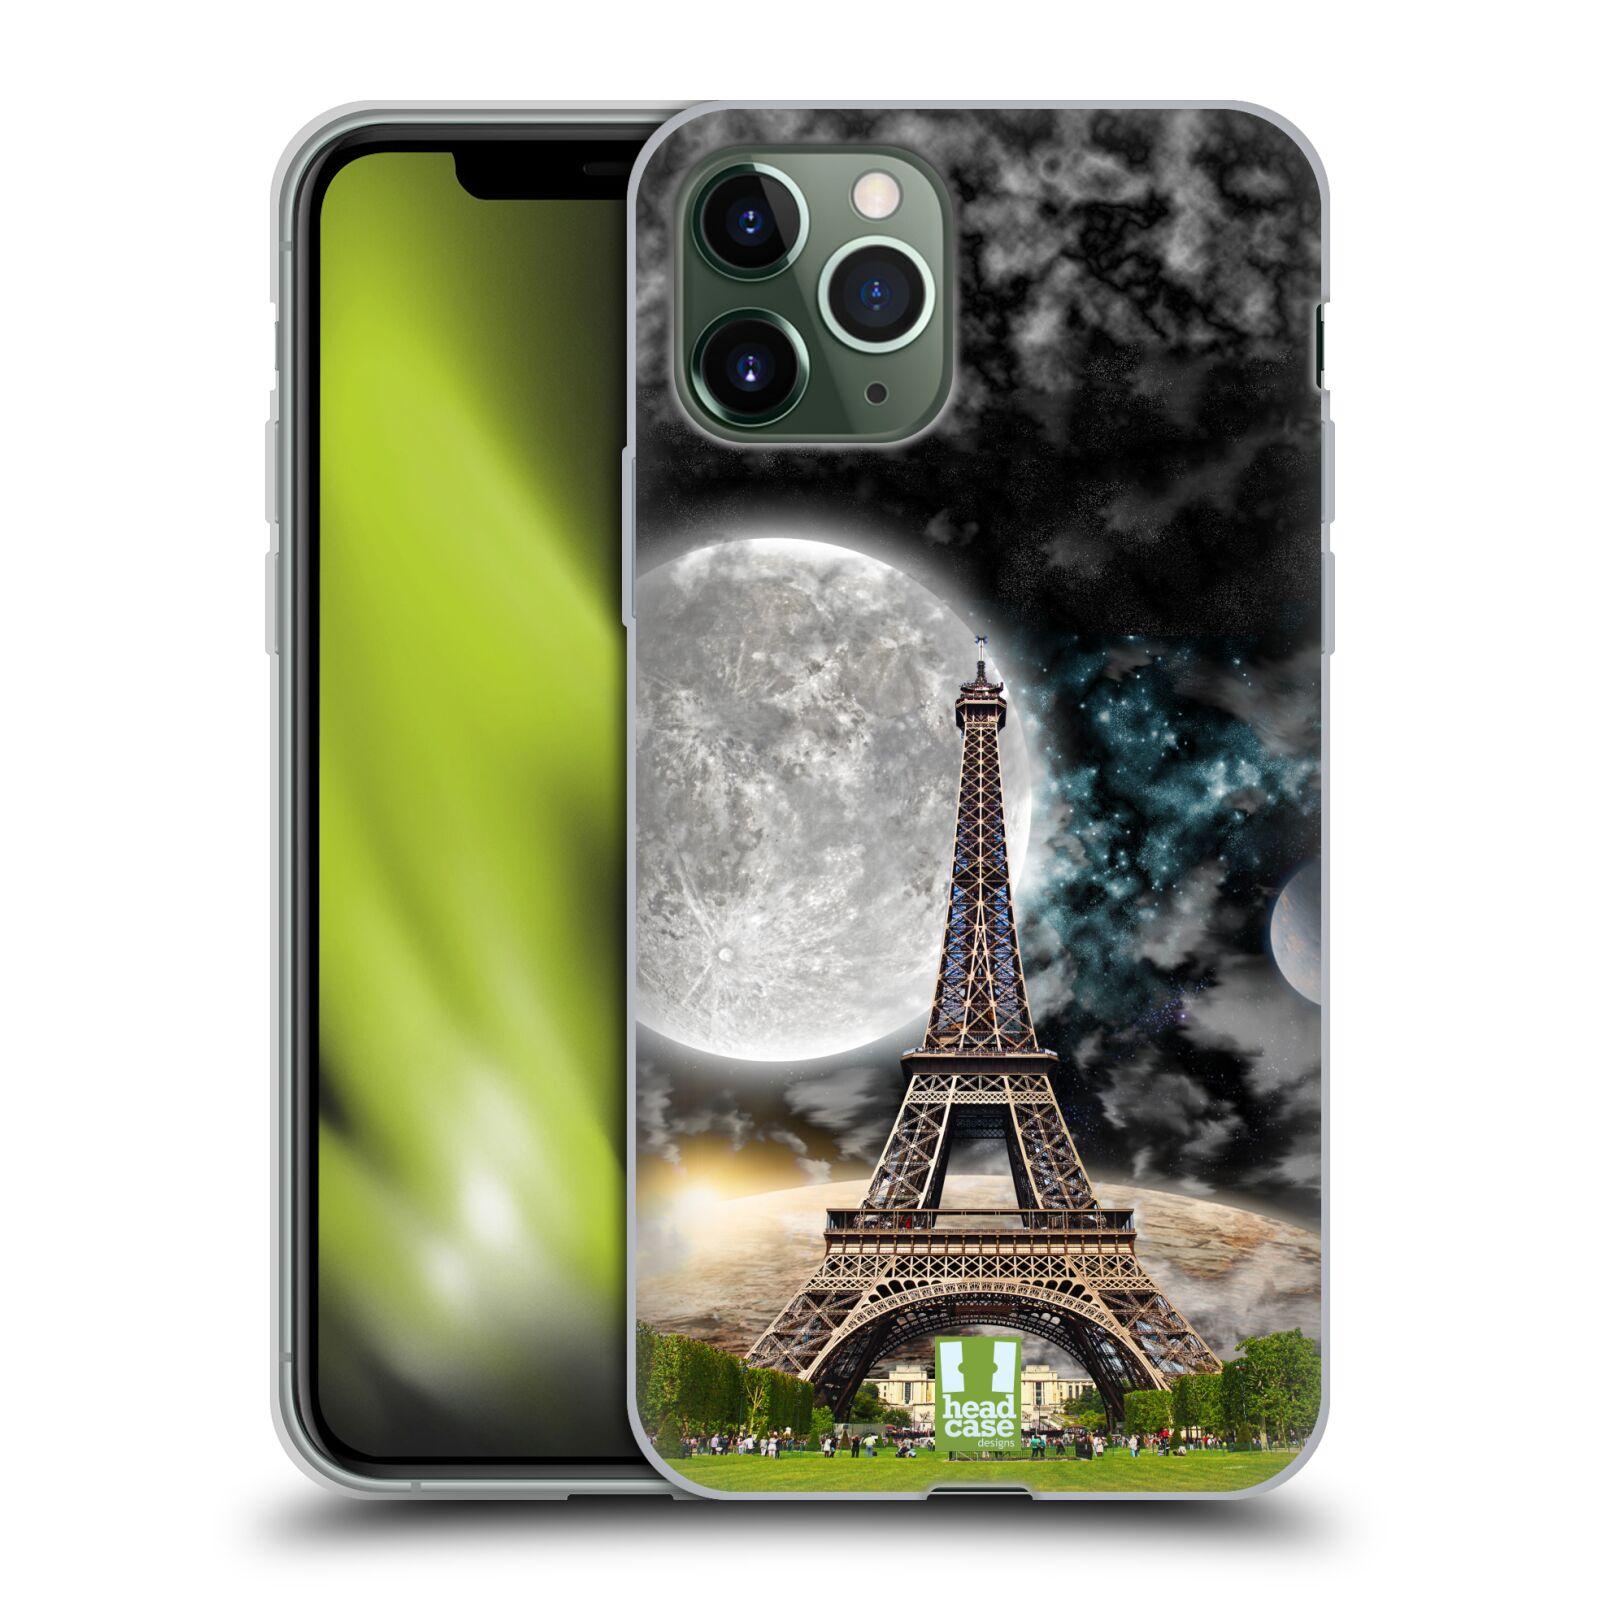 nejlevnější obaly iphone xr | Silikonové pouzdro na mobil Apple iPhone 11 Pro - Head Case - Měsíční aifelovka